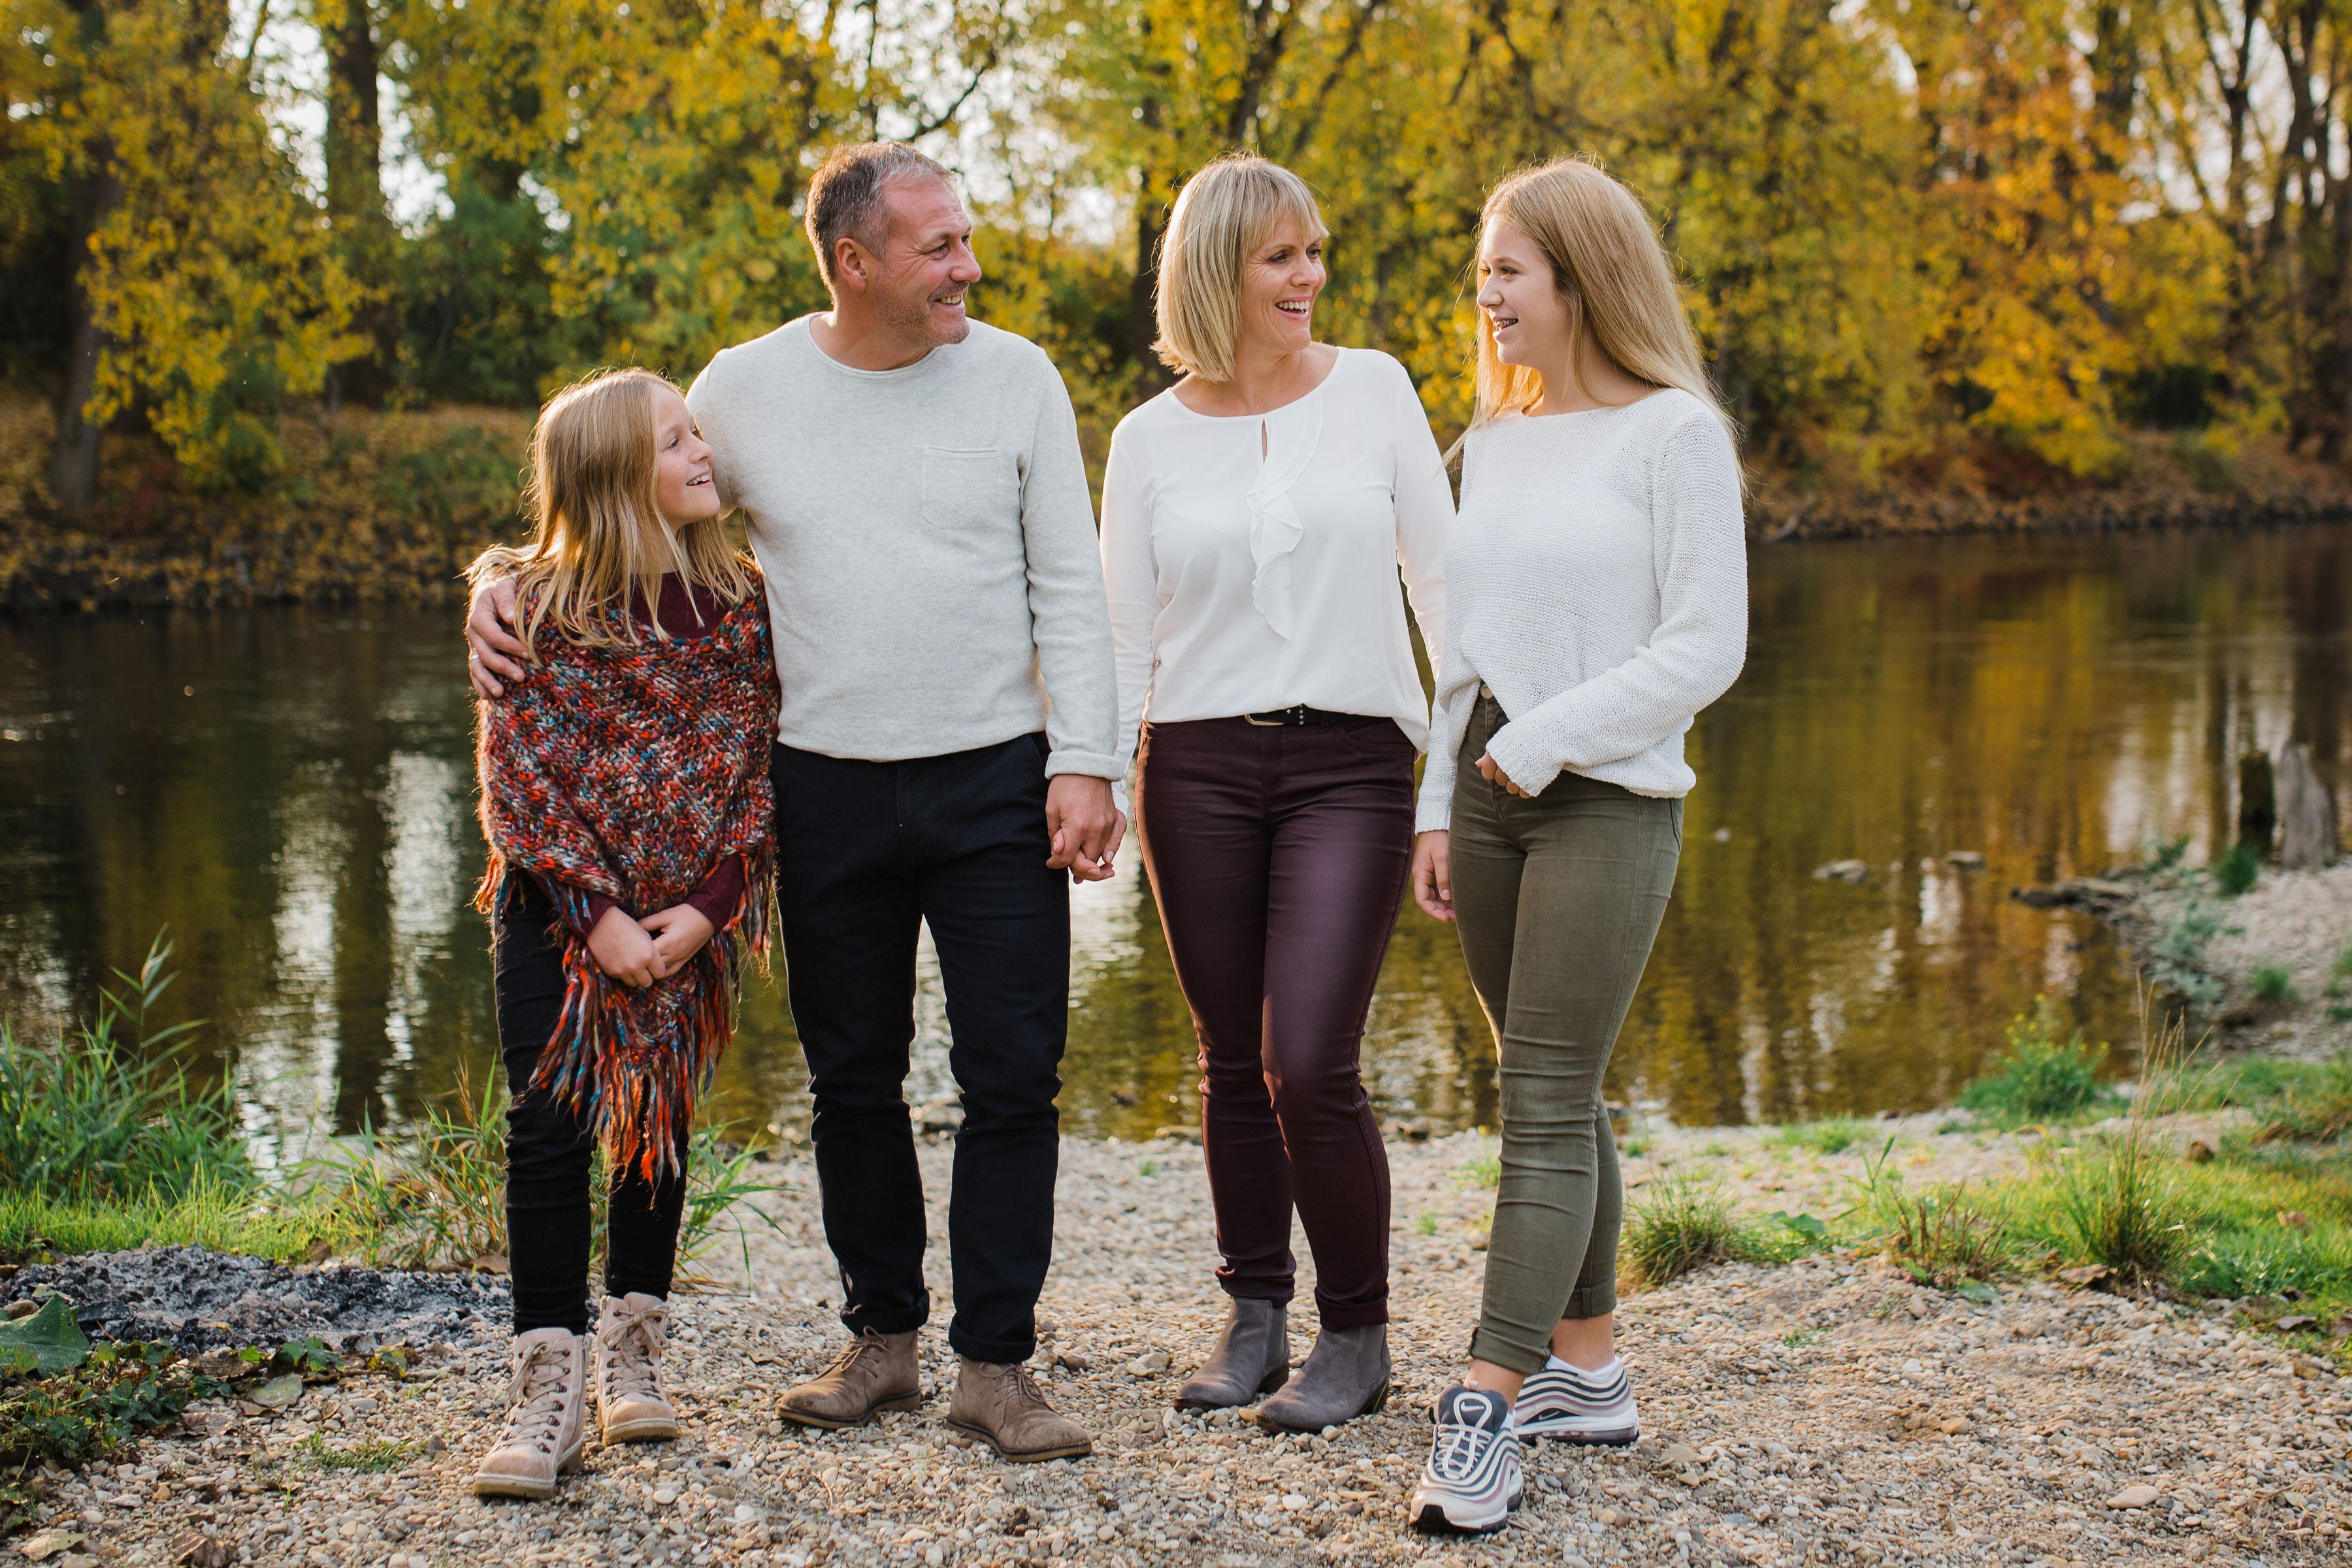 Fotoshooting für Familien mit Kindern